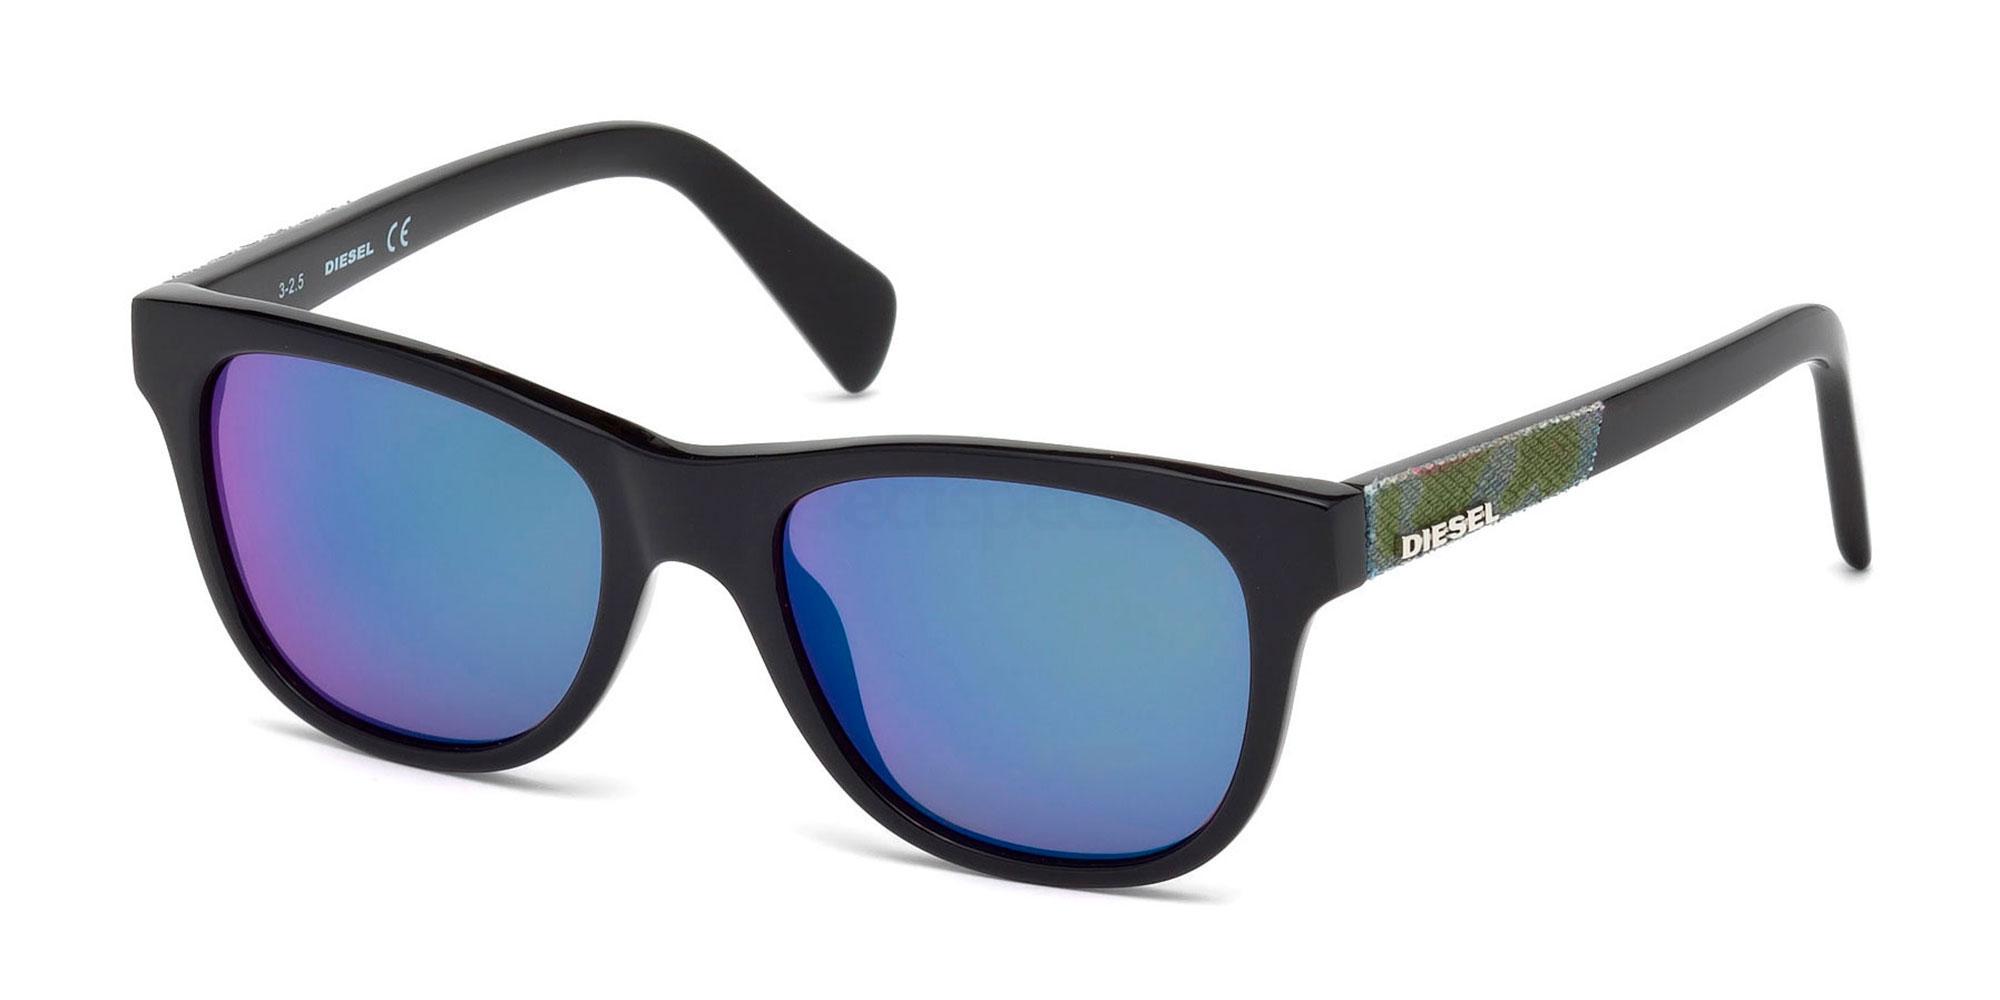 01Q DL0200 Sunglasses, Diesel